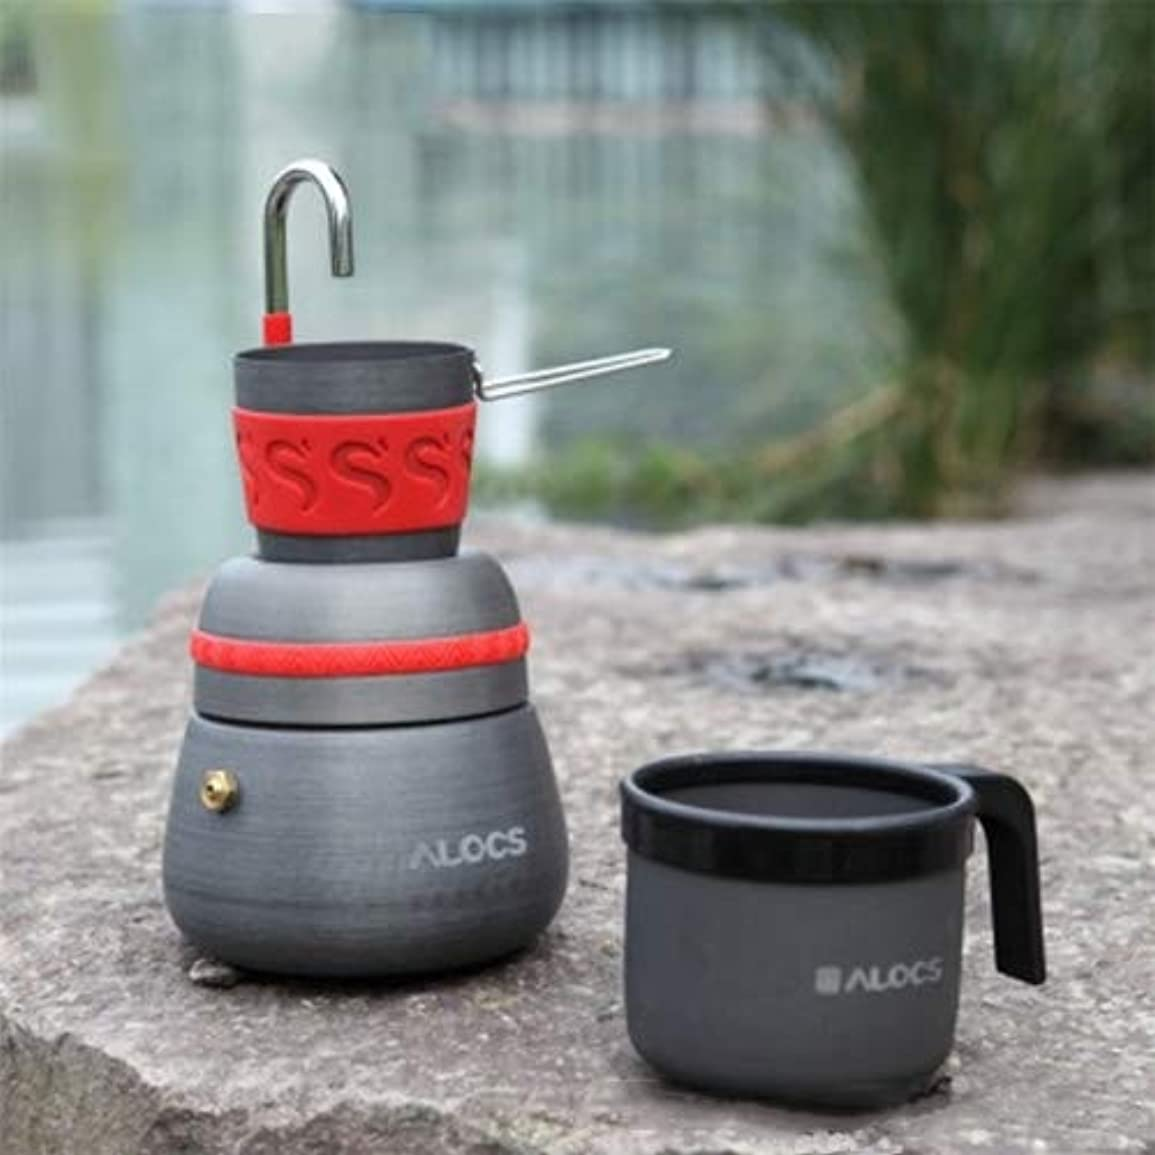 ヒップニンニクスタンド2つのコーヒーカップが付いている屋外のキャンプ用具のコーヒーストーブキャンプ用具